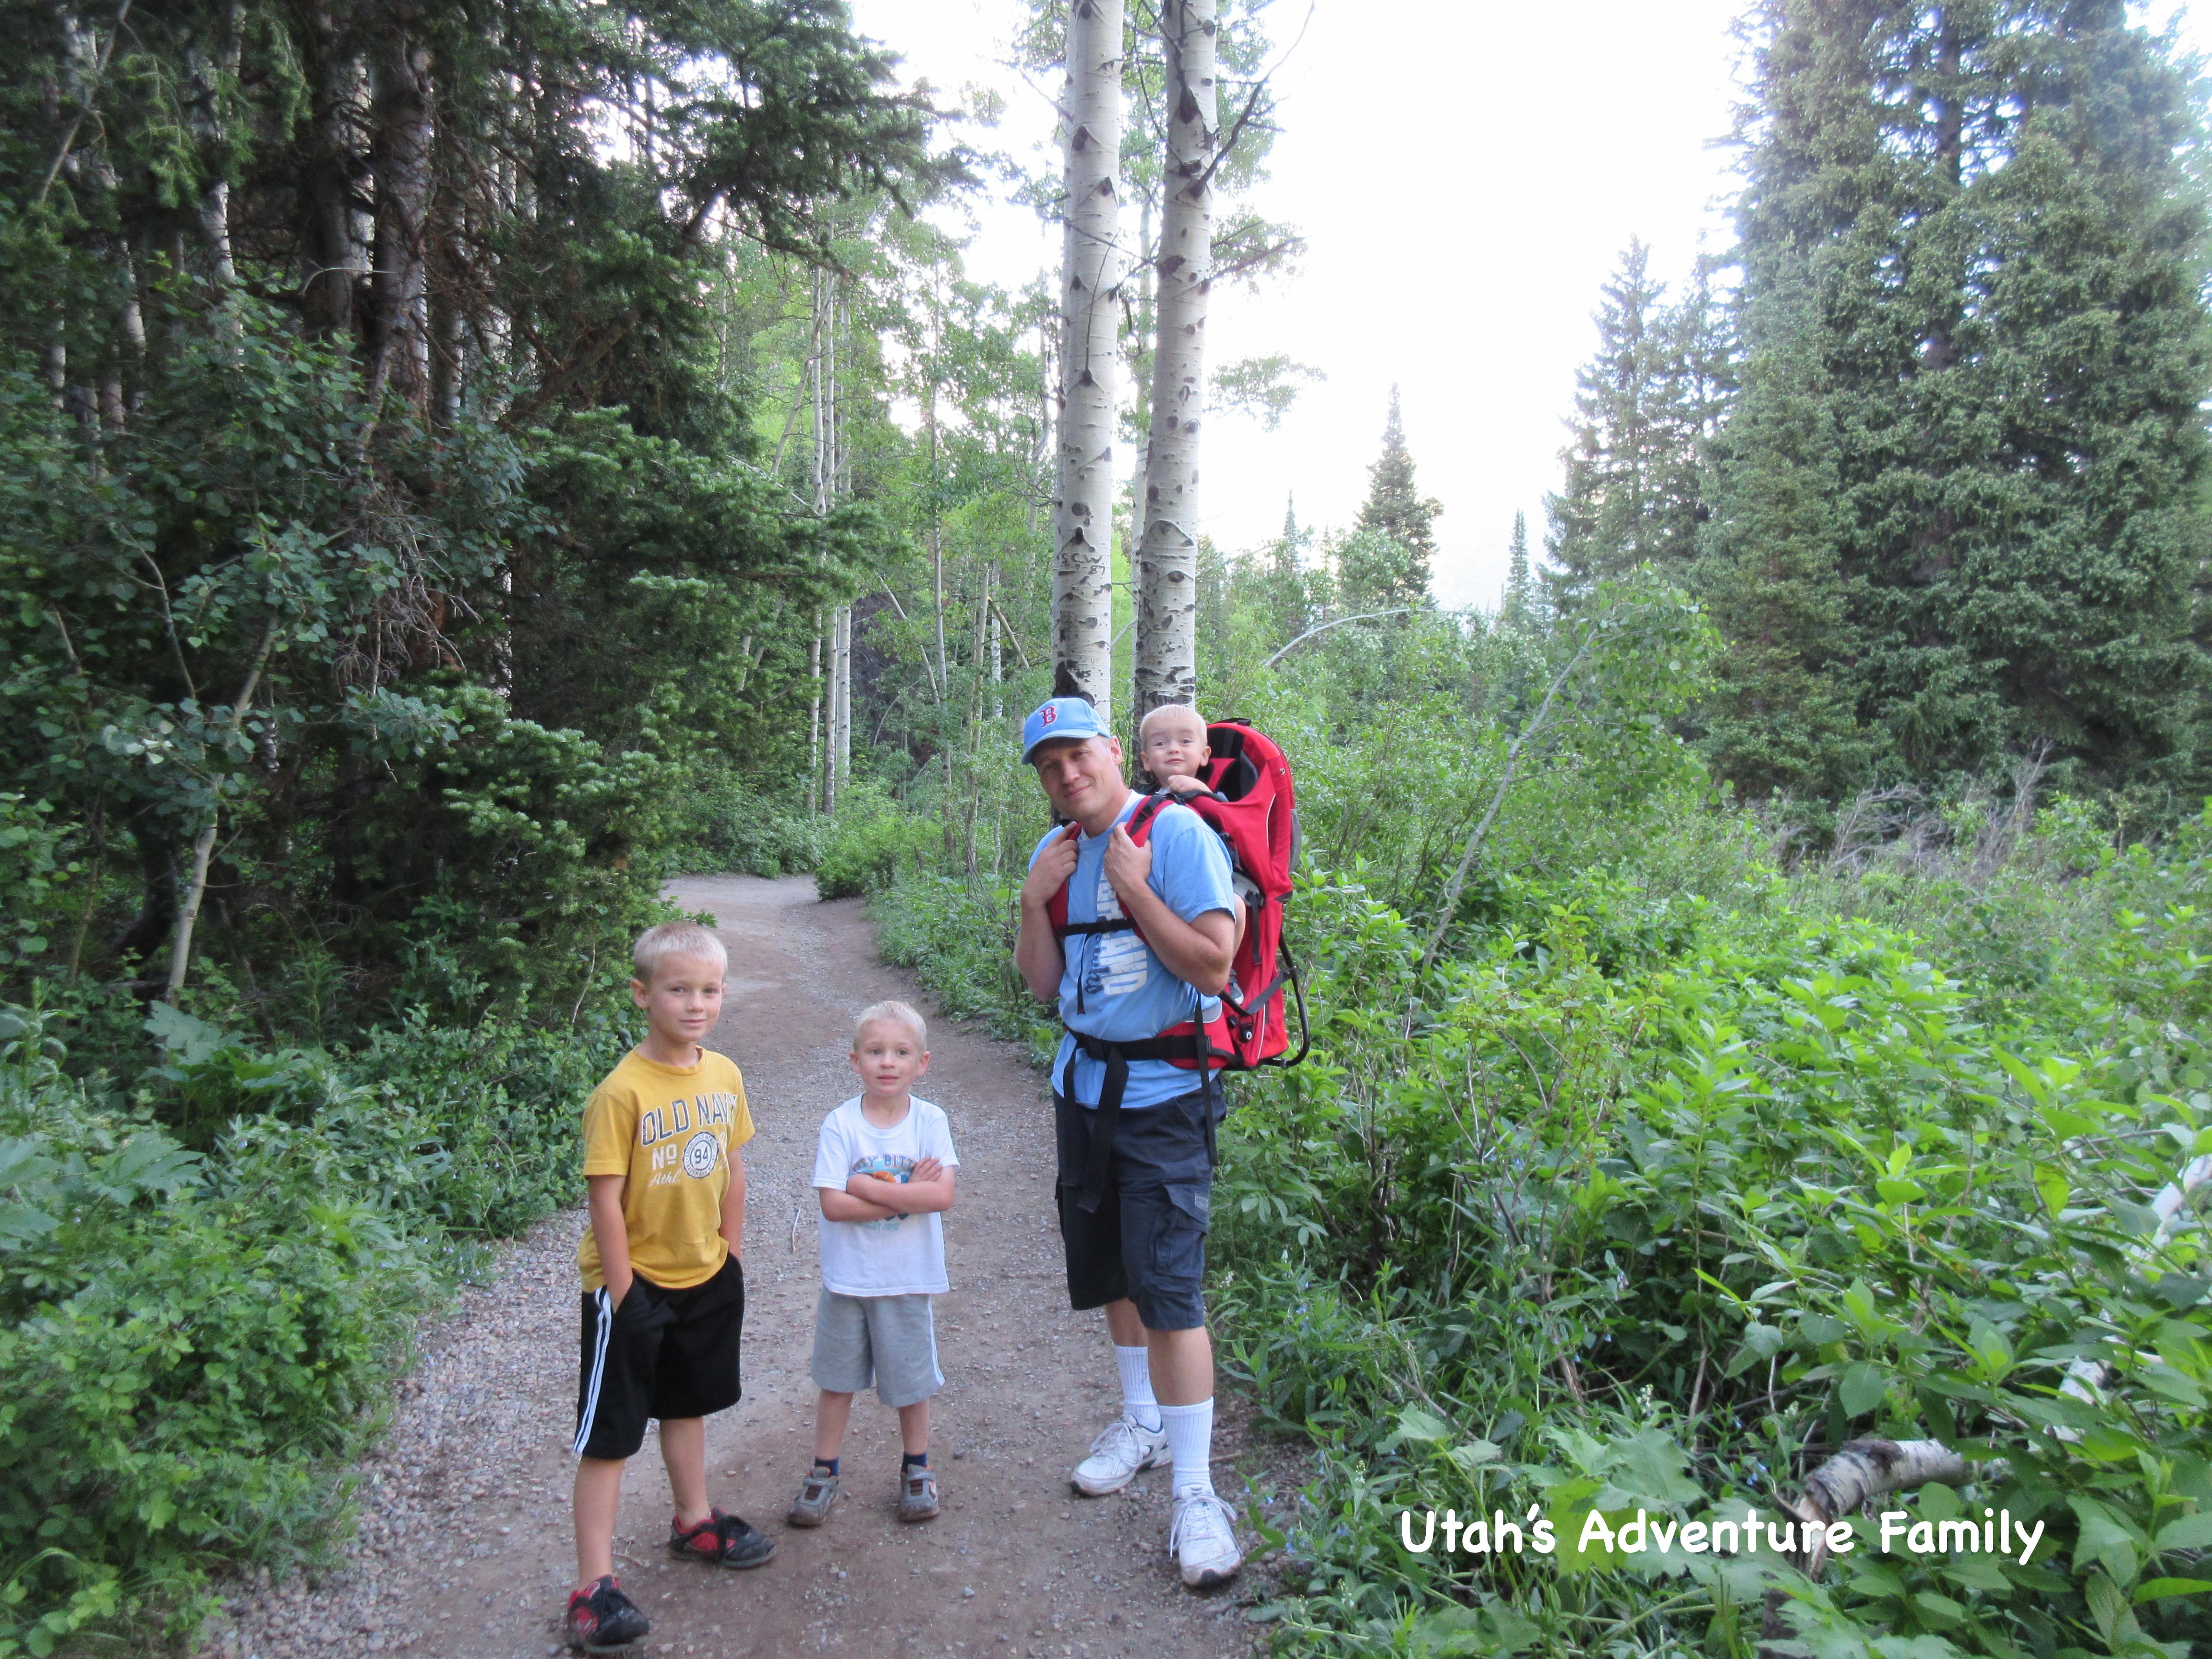 Donut Falls - Utah's Adventure Family